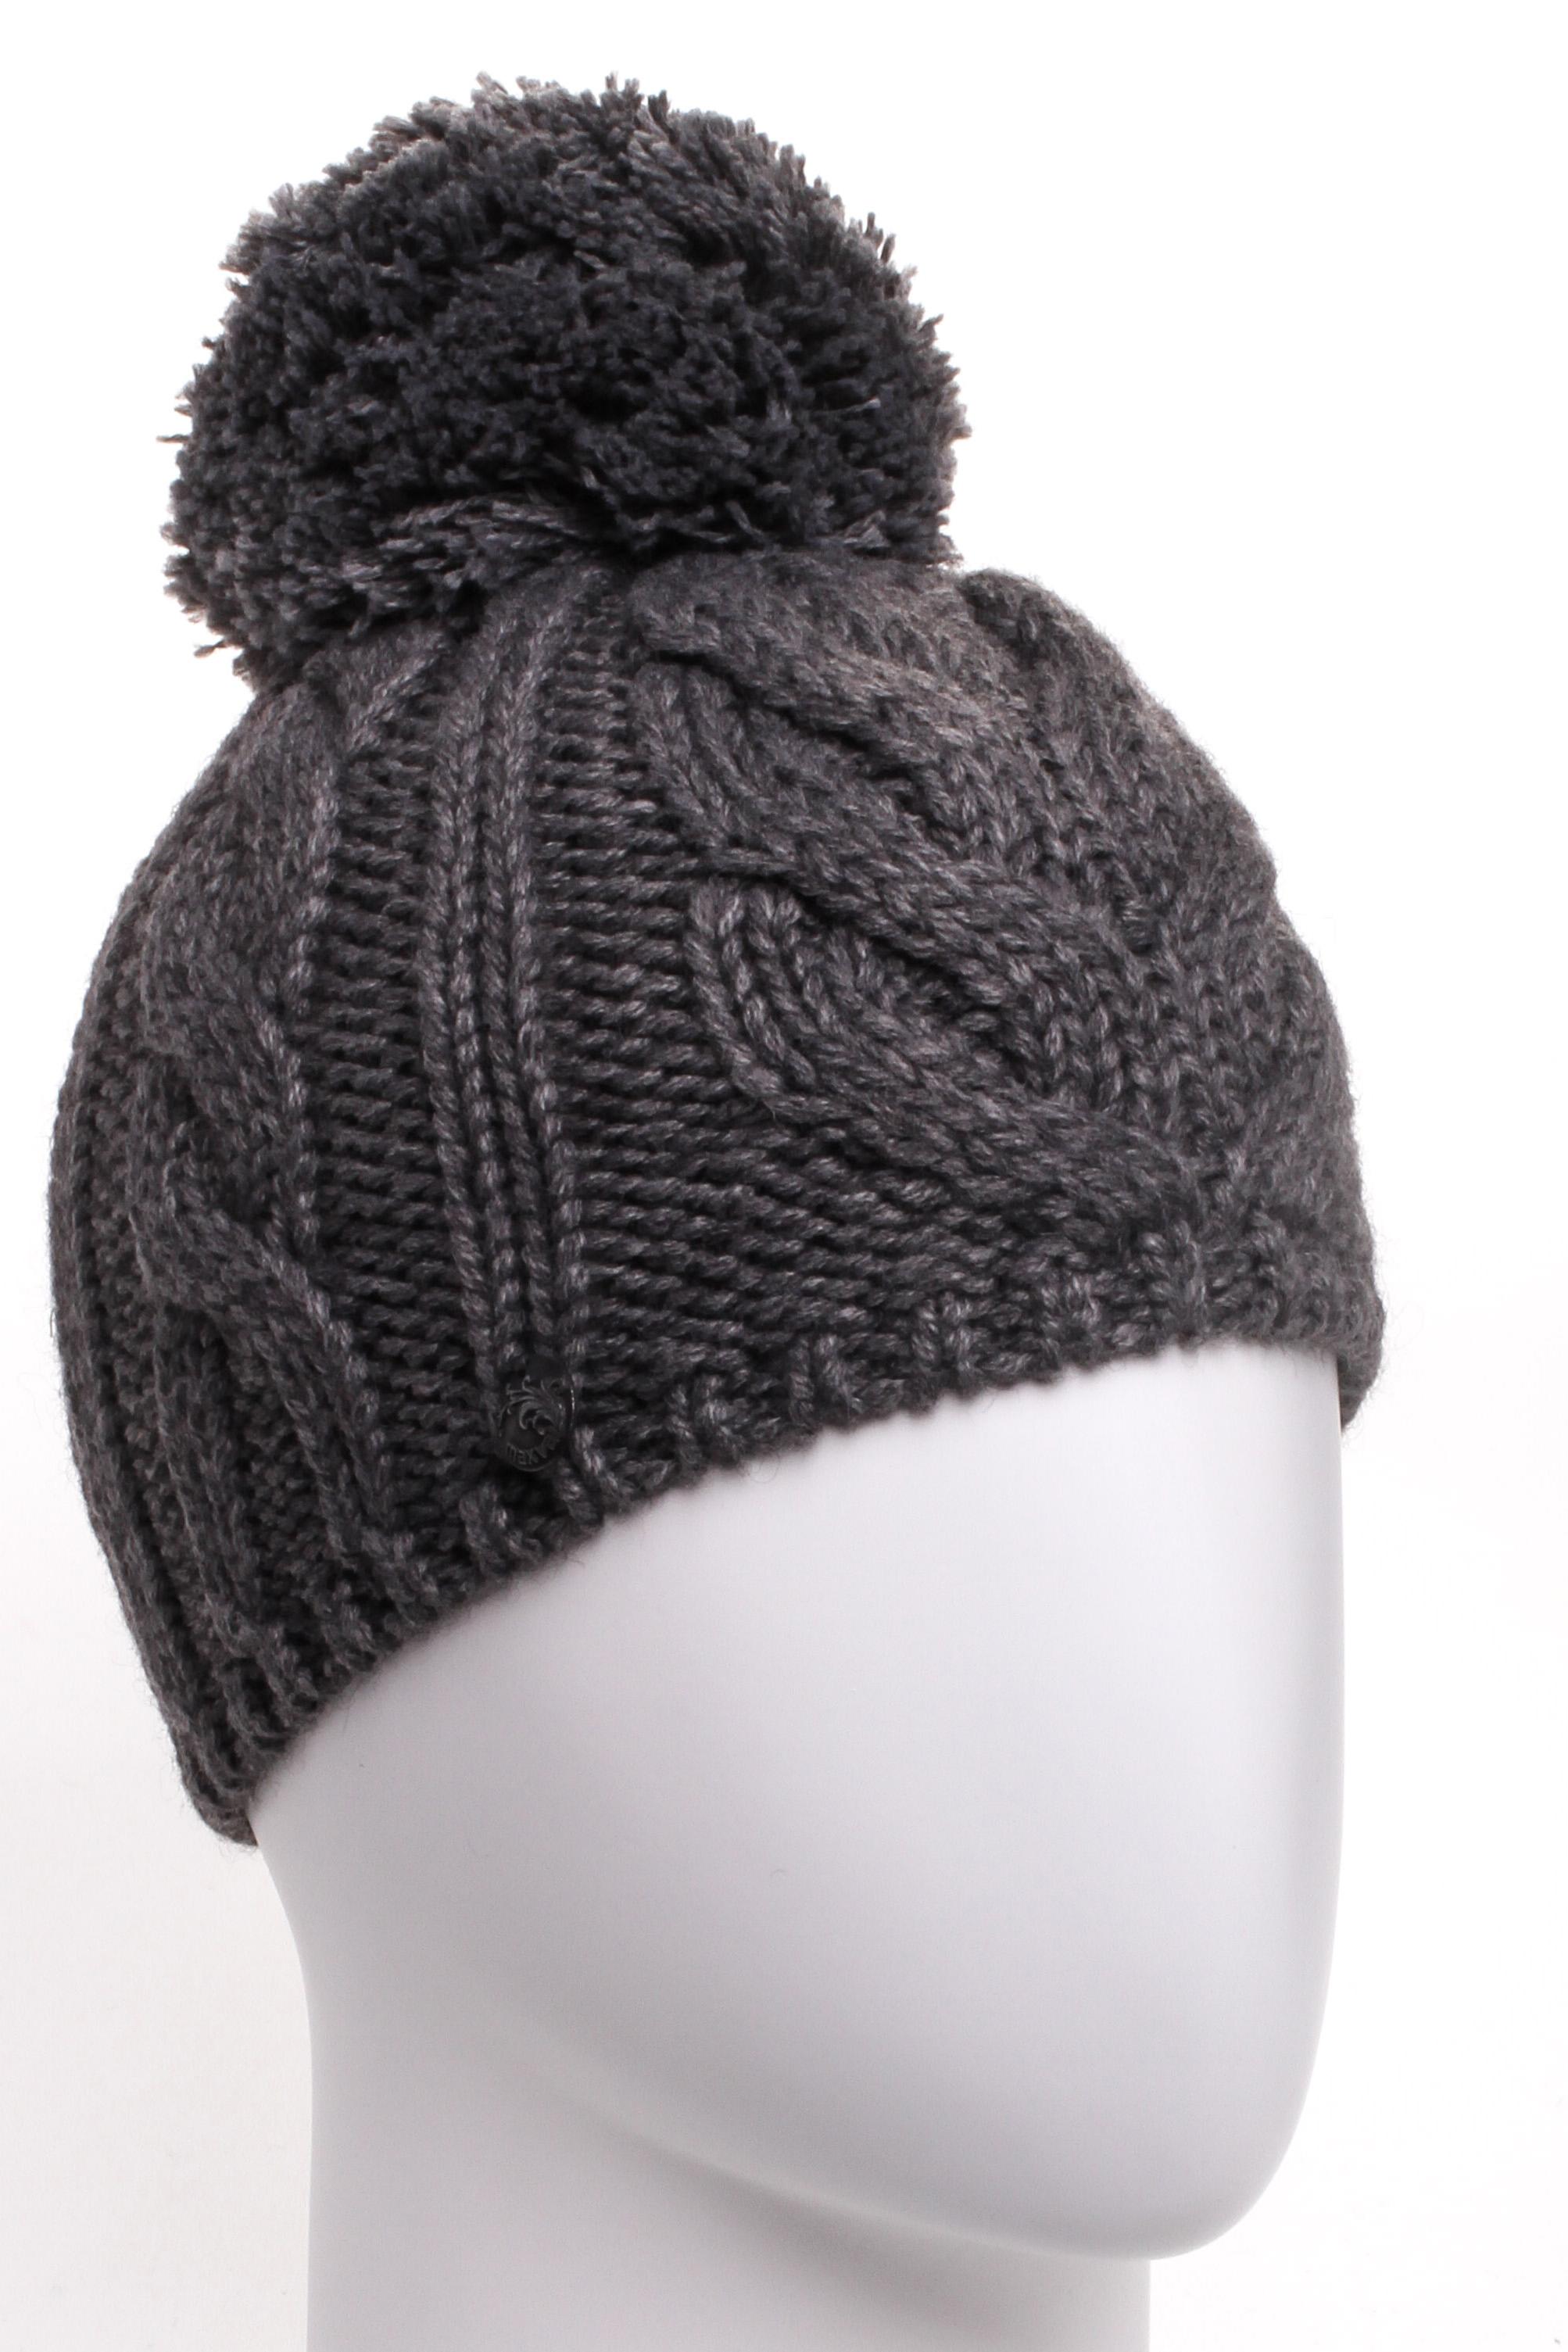 ШапкаШапки<br>Молодежная шапка подарит Вам тепло и комфорт.  Стильный аксессуар подчеркнет Вашу женственность и станет прекрасным дополнением Вашего образа.  Цвет: серый<br><br>По материалу: Вязаные,Трикотаж<br>По рисунку: Однотонные<br>По элементам: С помпоном<br>По сезону: Зима<br>Размер : universal<br>Материал: Вязаное полотно<br>Количество в наличии: 1